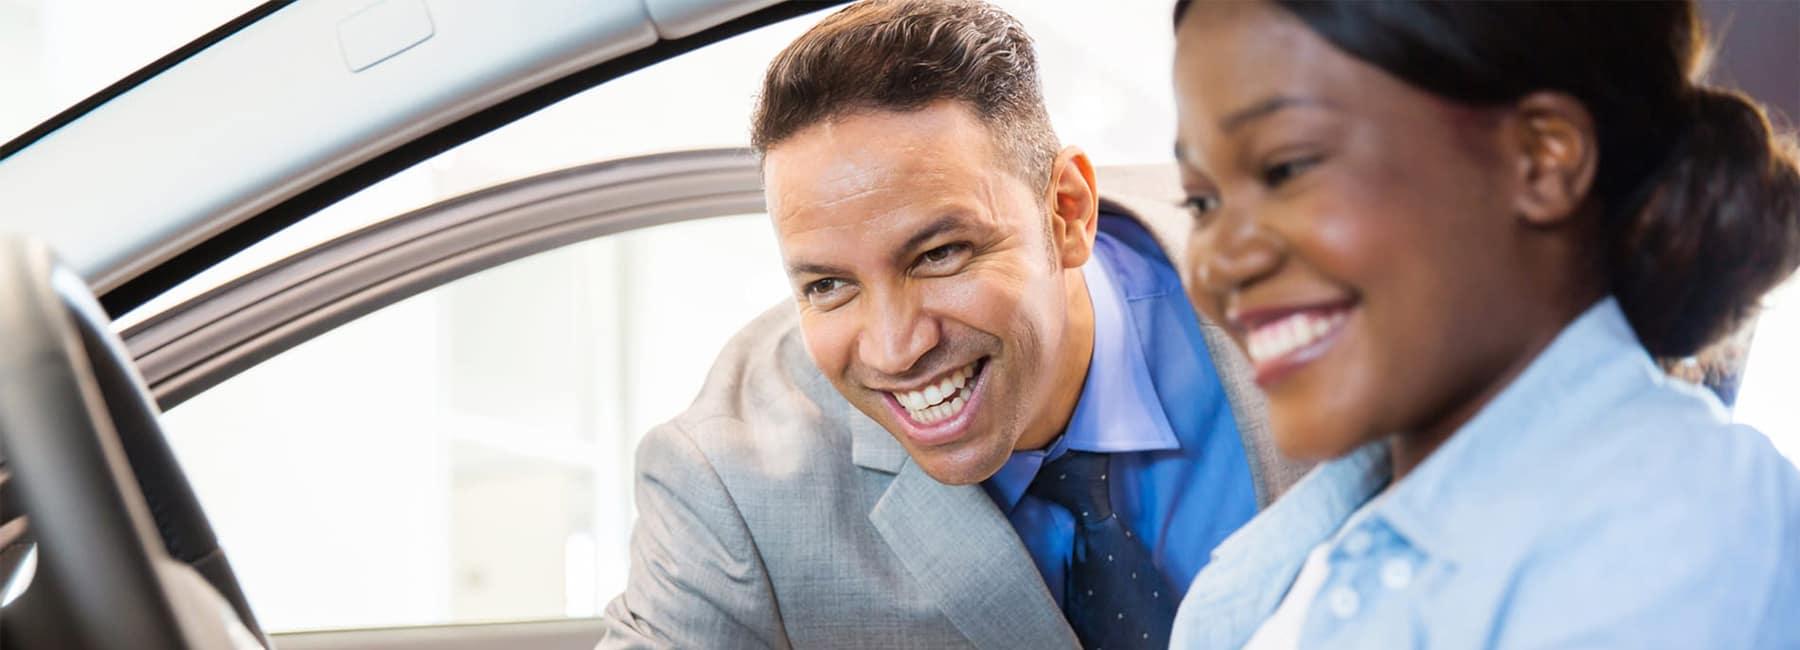 Man and Woman Looking at Car Interior